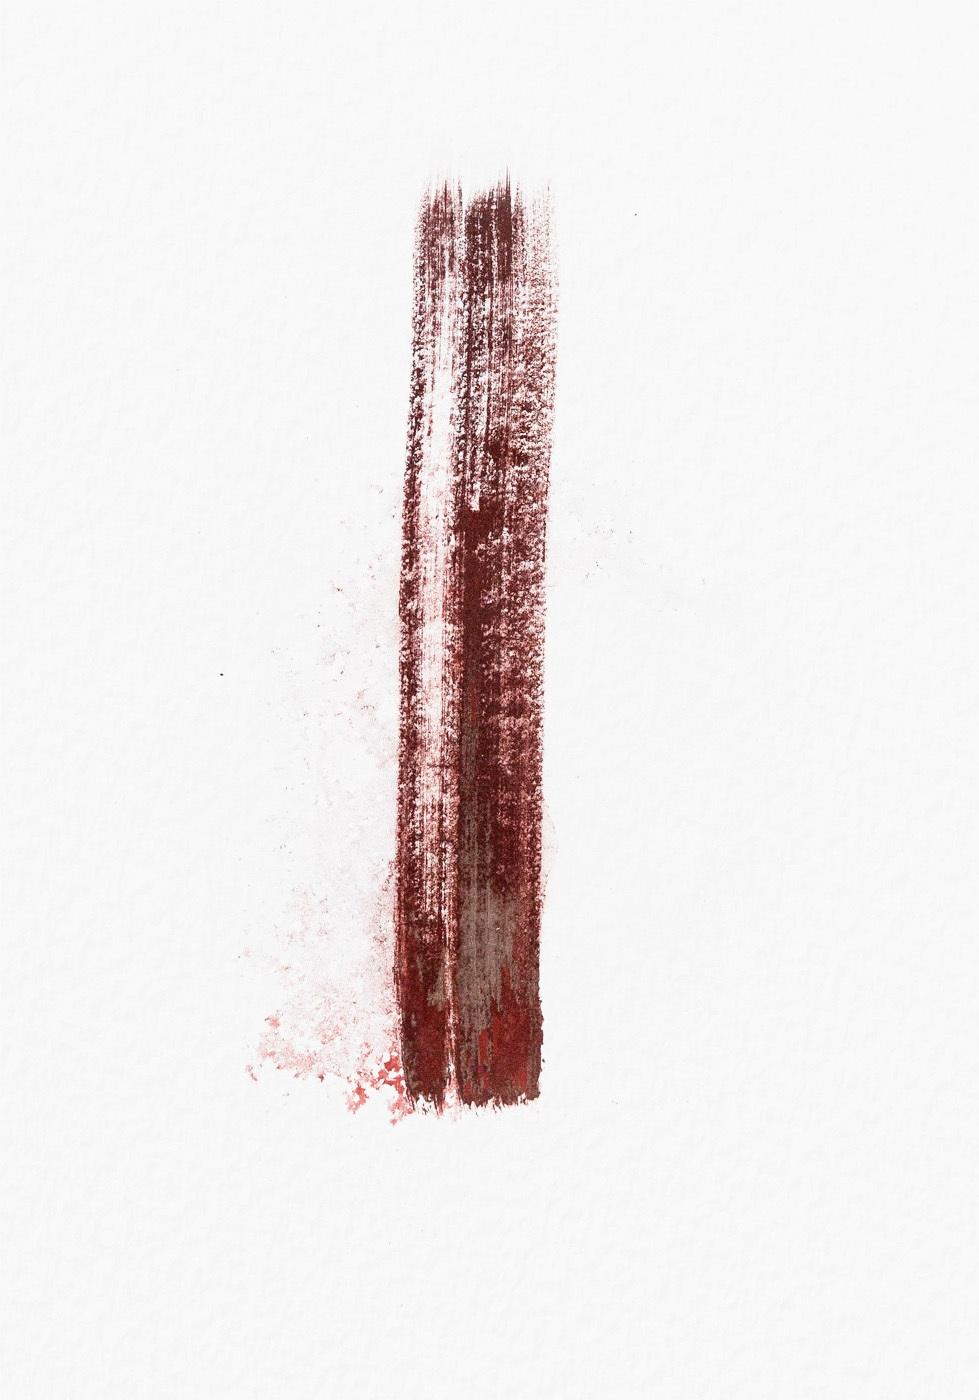 Ilaria Cuccagna,   Untitled , 2019, stampa ed. 40, 21 x 29.7 cm, Firmato e numerato sul retro  € / CHf / £ / $ 100.-